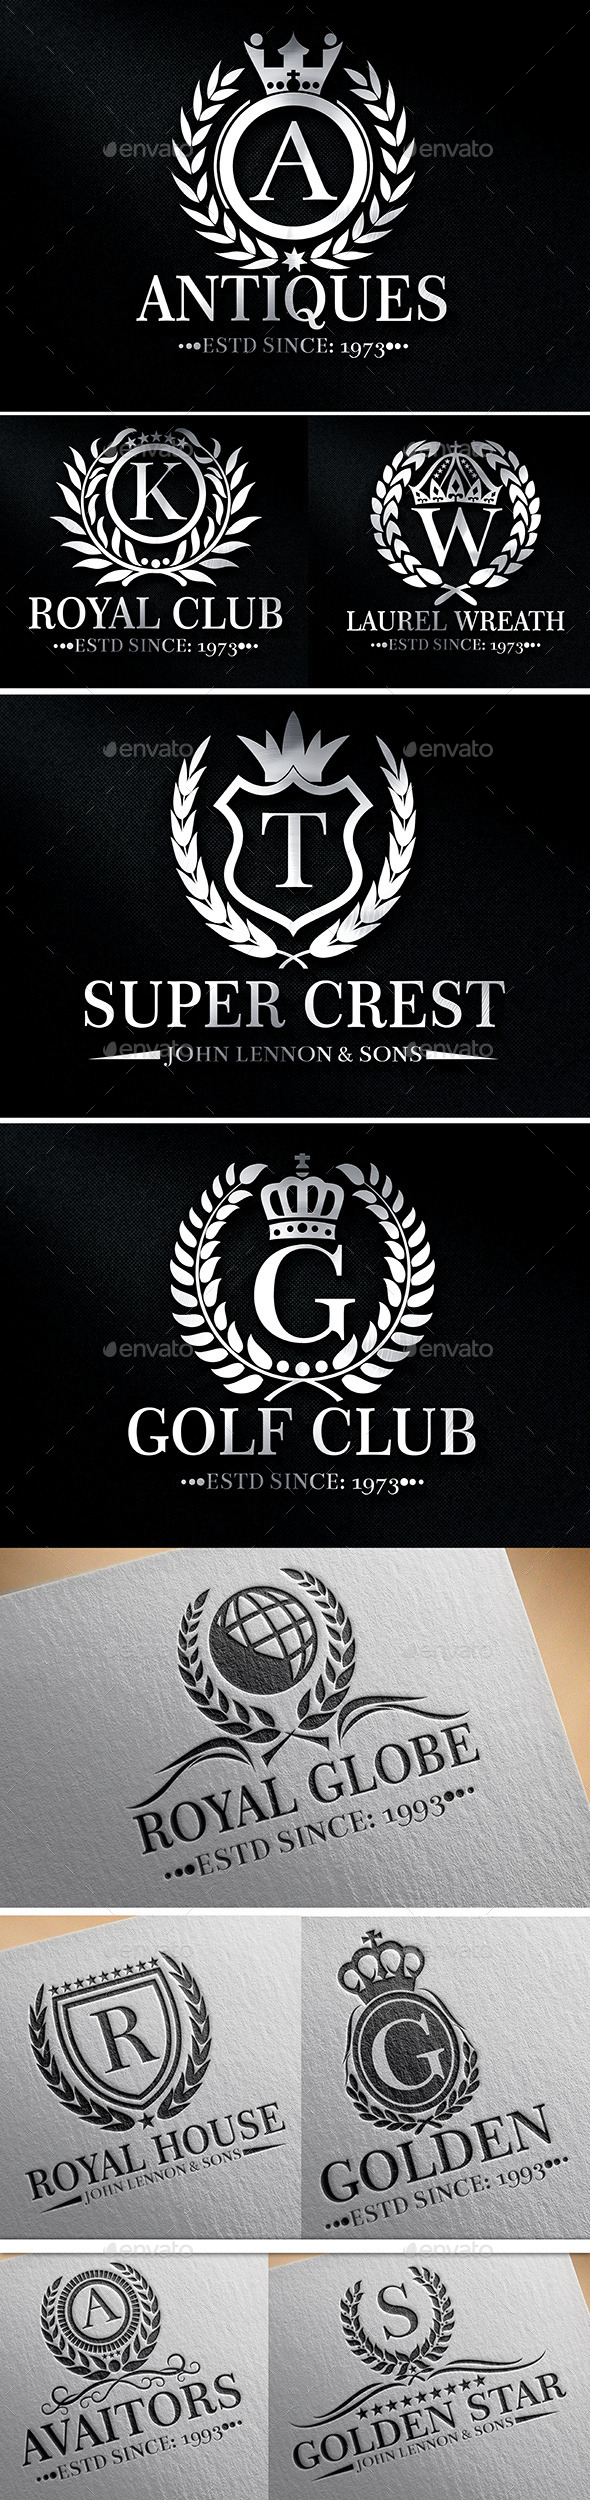 Heraldic Crest Logos Vol 6